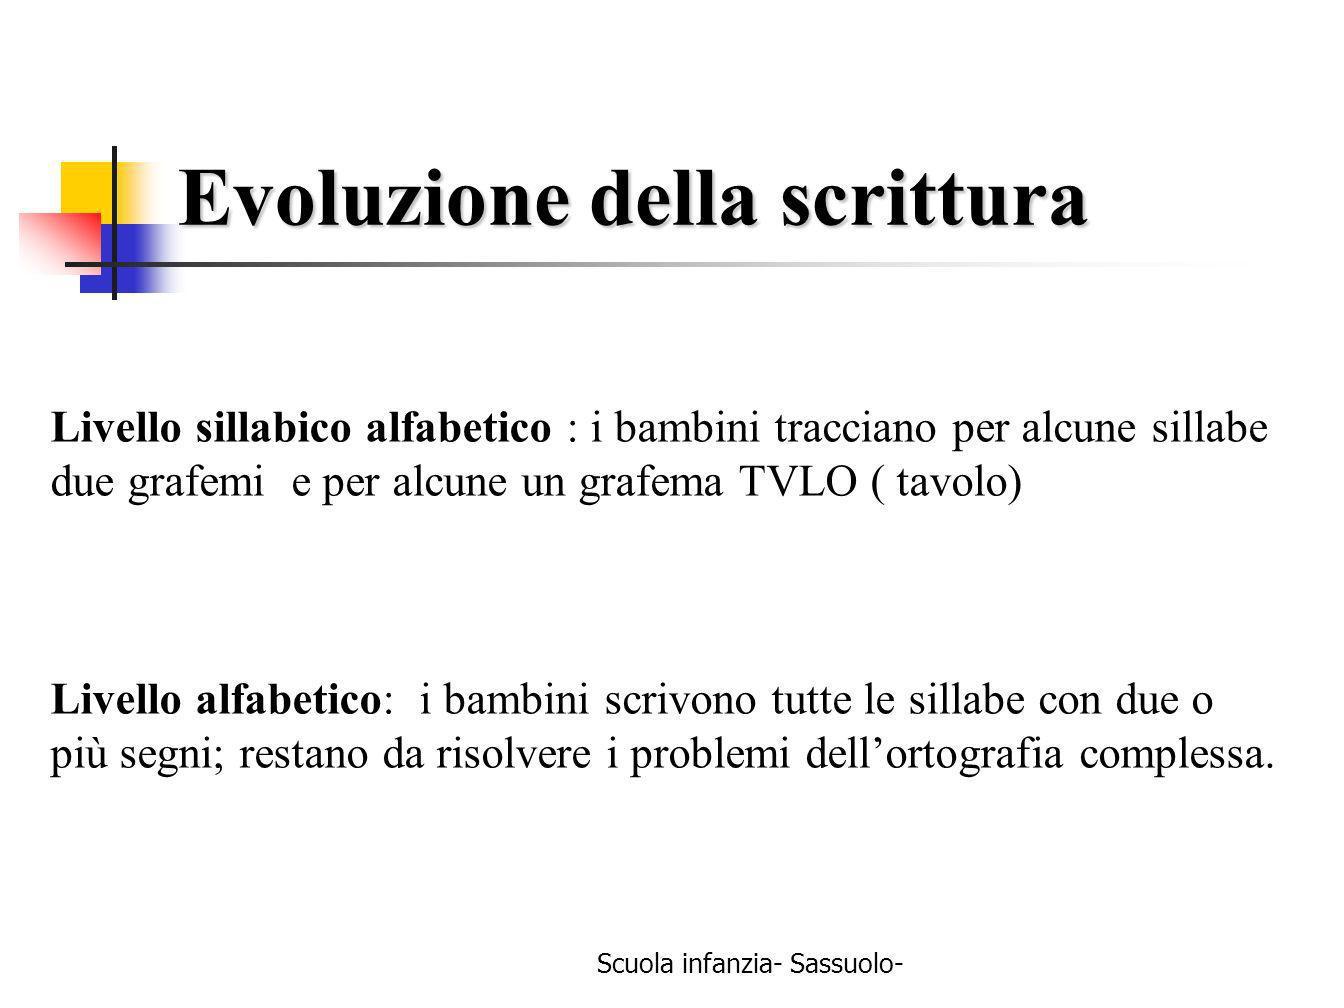 Scuola infanzia- Sassuolo- Evoluzione della scrittura Livello sillabico alfabetico : i bambini tracciano per alcune sillabe due grafemi e per alcune u